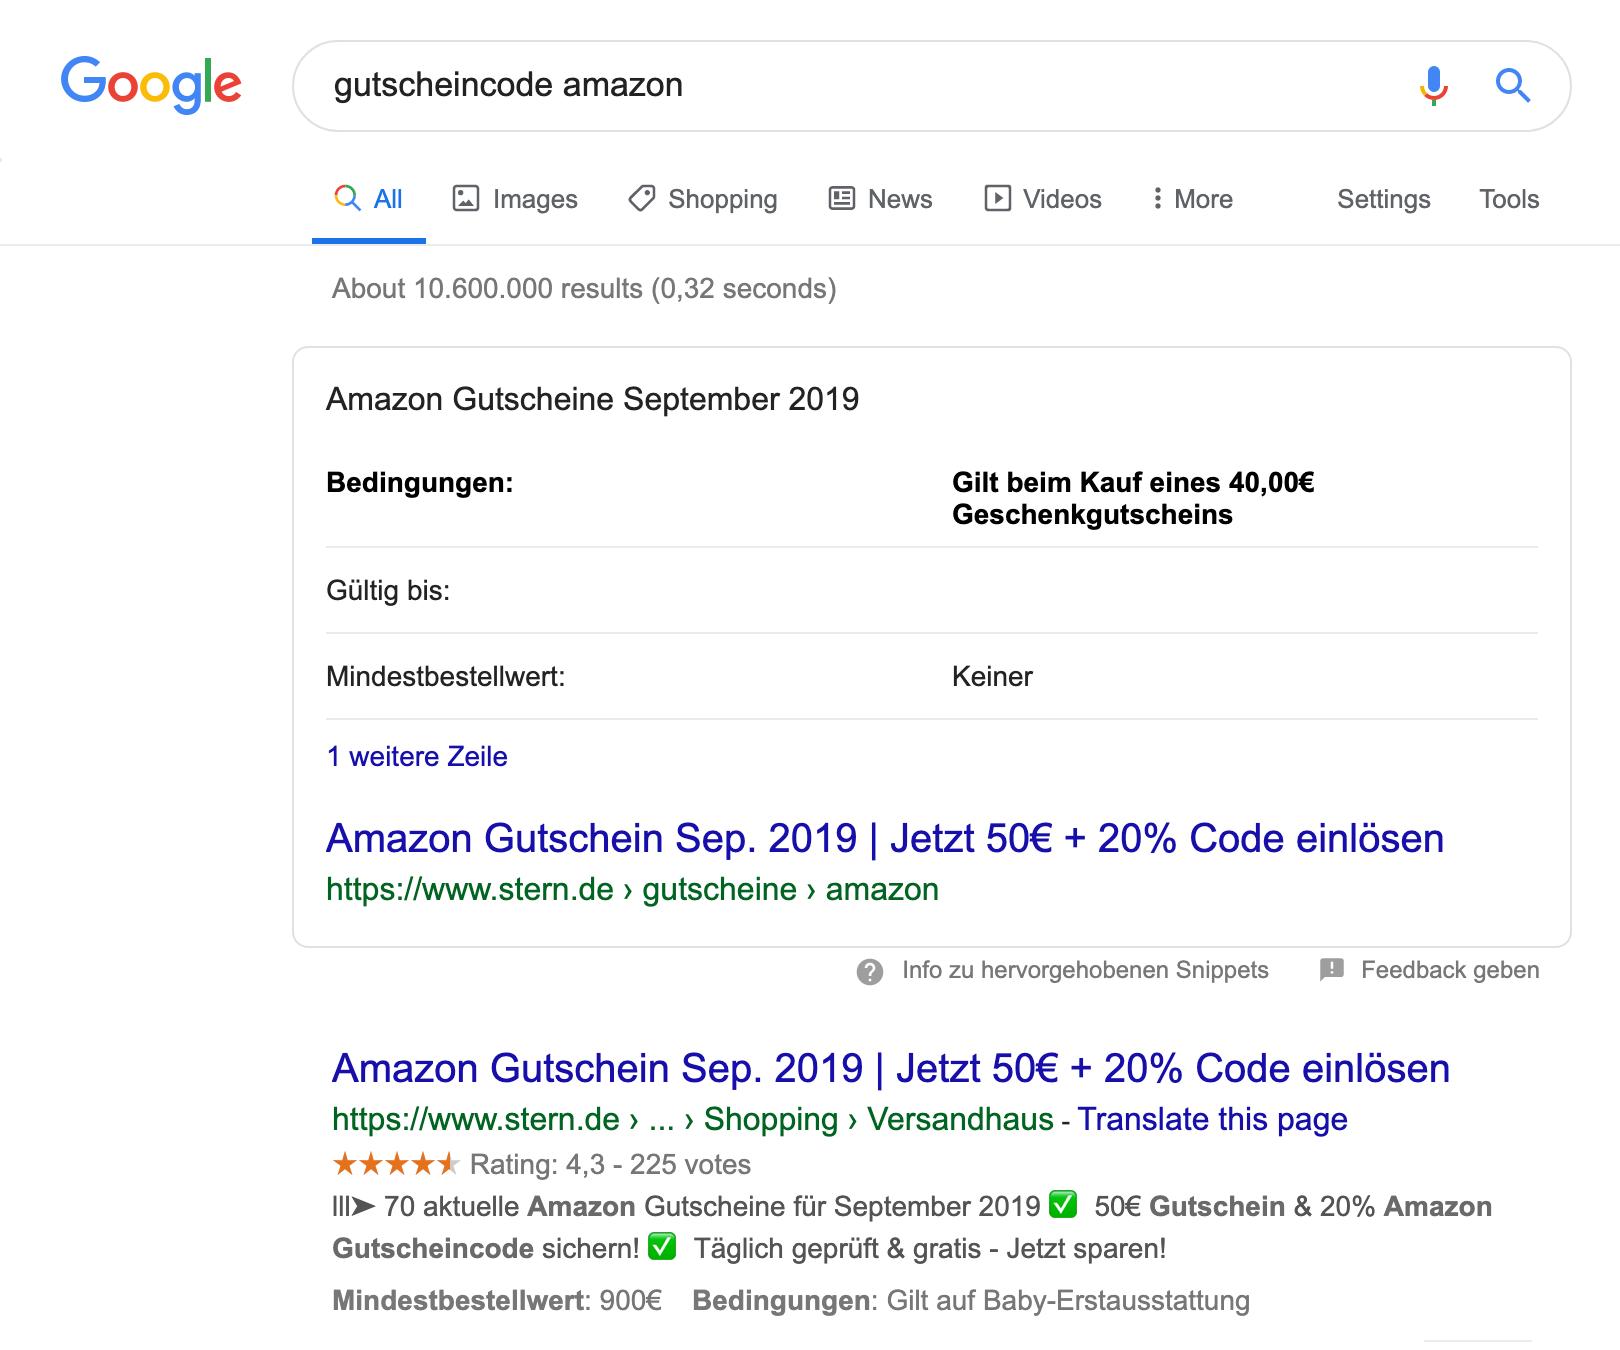 """Suchergebnisseite für die Suchanfrage """"gutscheincode amazon"""". Als erstes wird ein Featured Snippet Kasten angezeigt in dem eine Tabelle abgedruckt ist."""